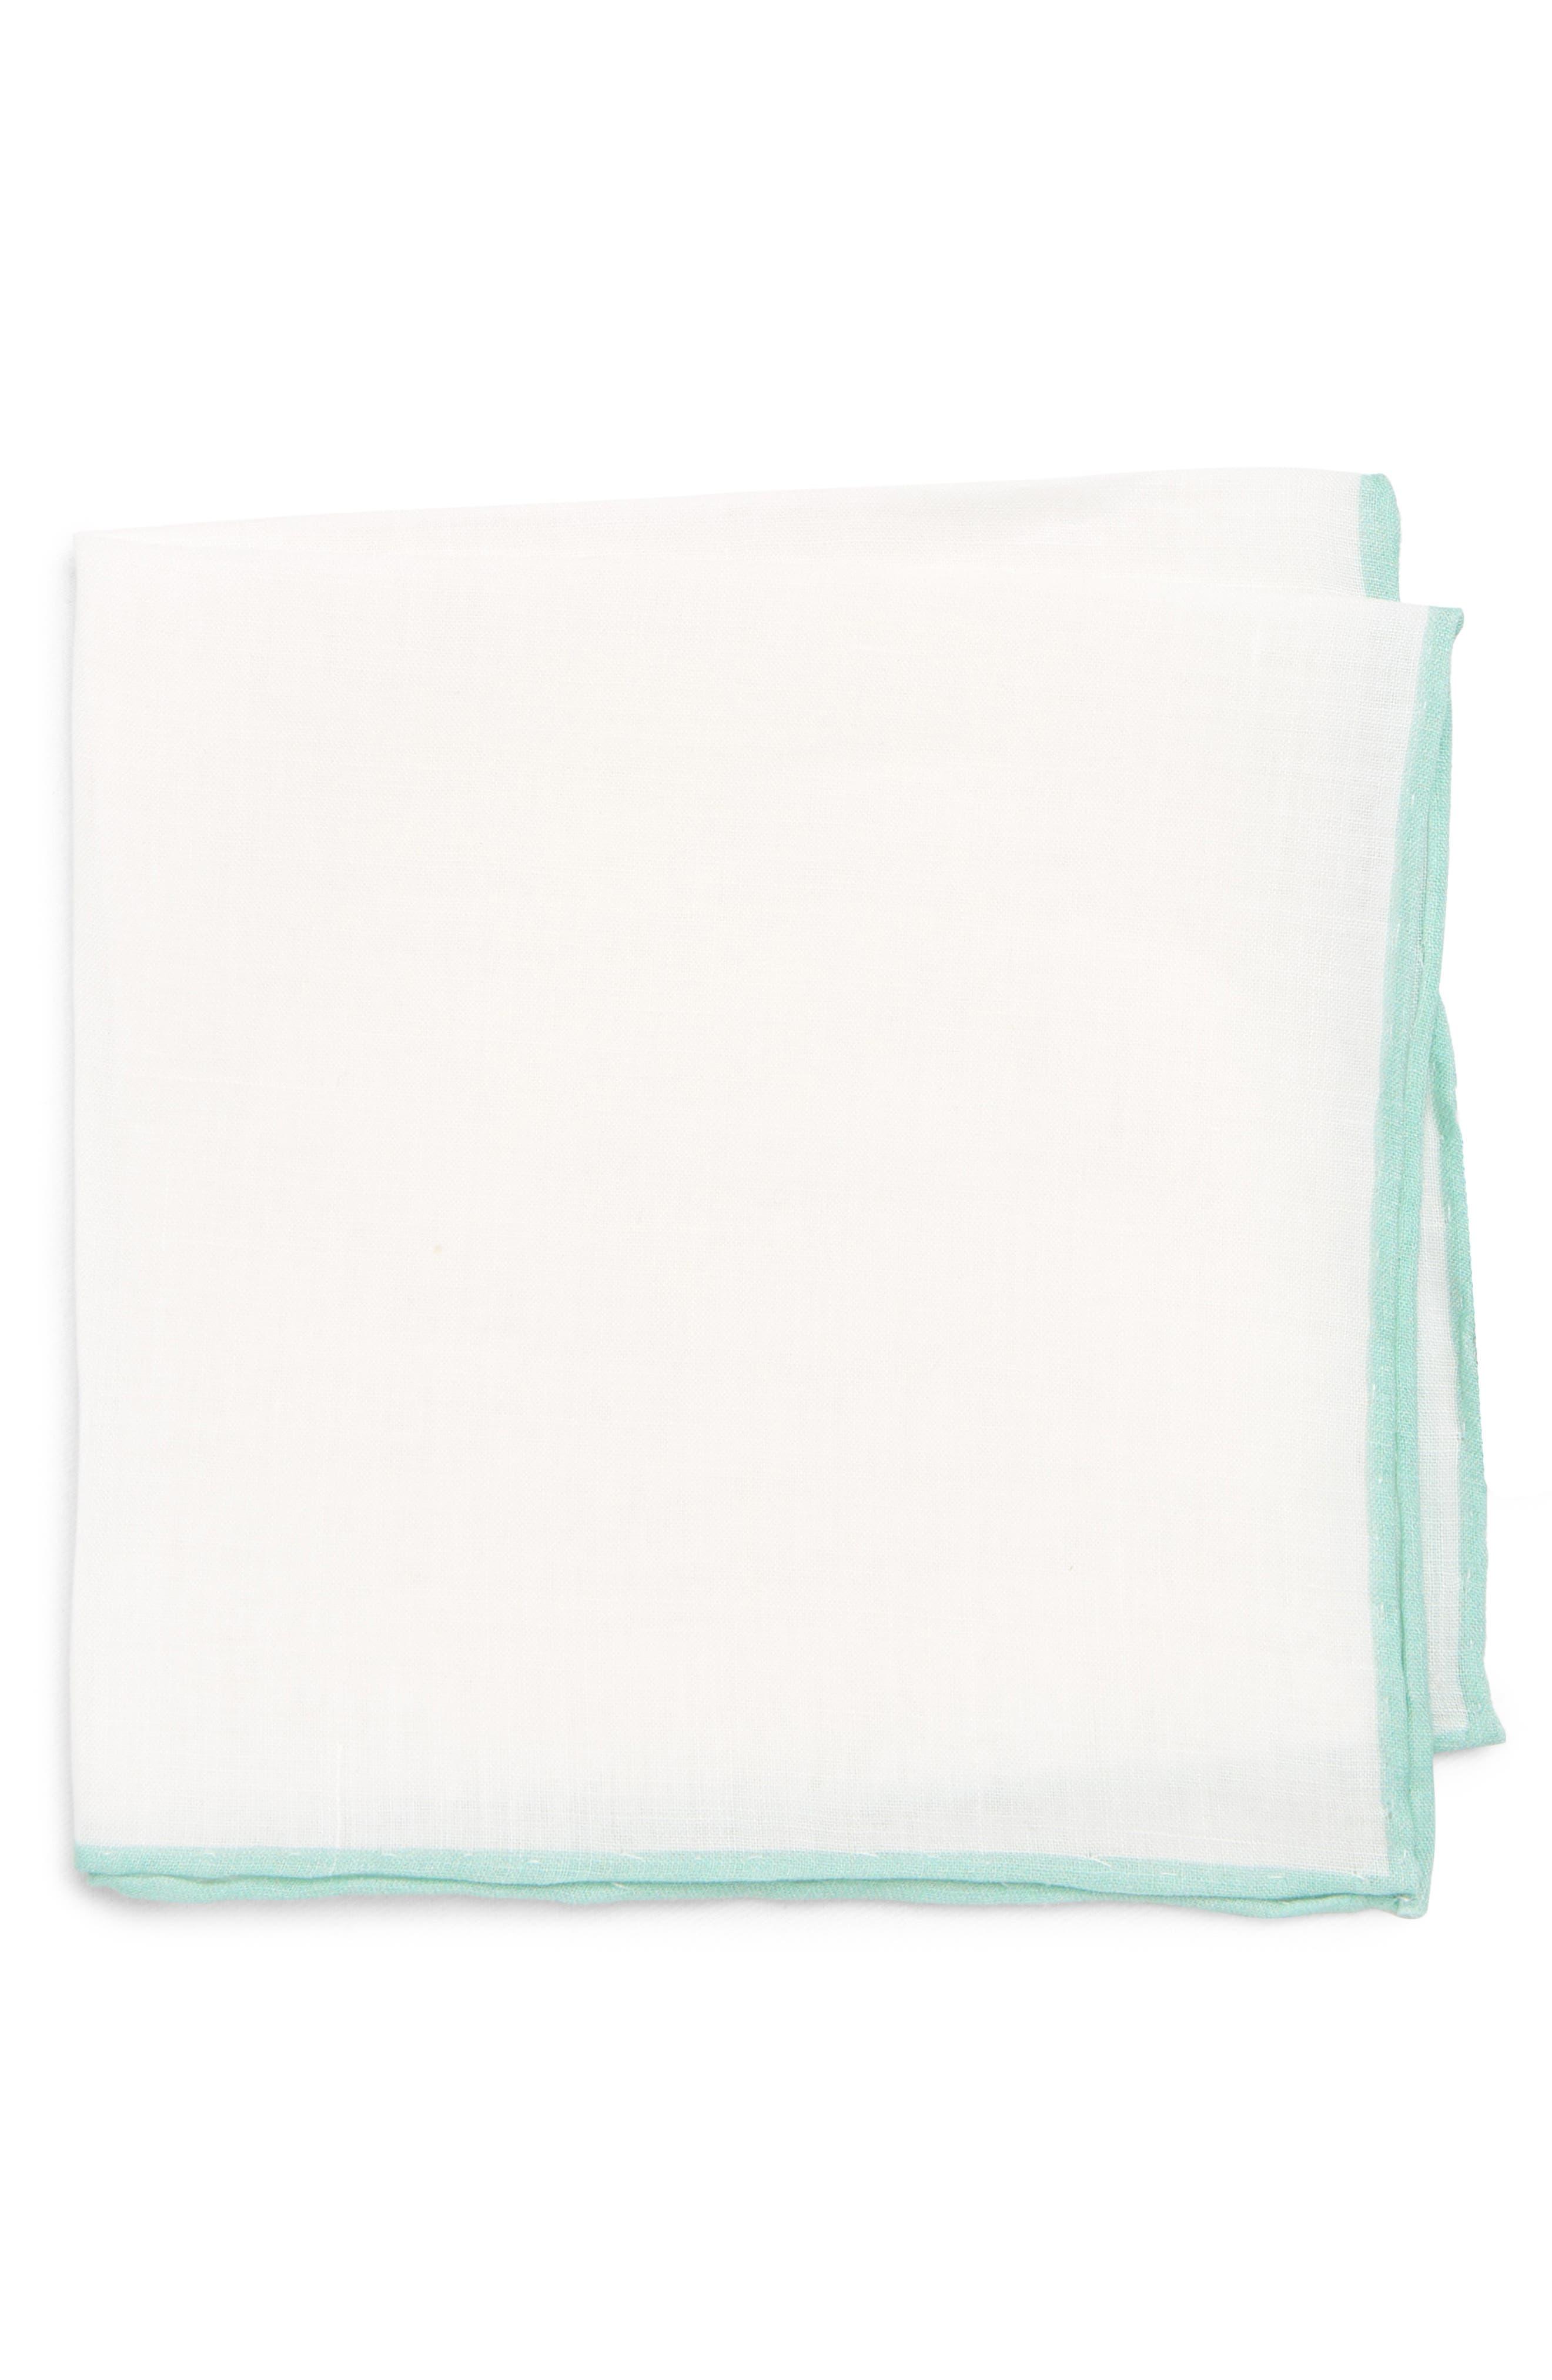 Linen Pocket Square,                         Main,                         color, White/ Spearmint